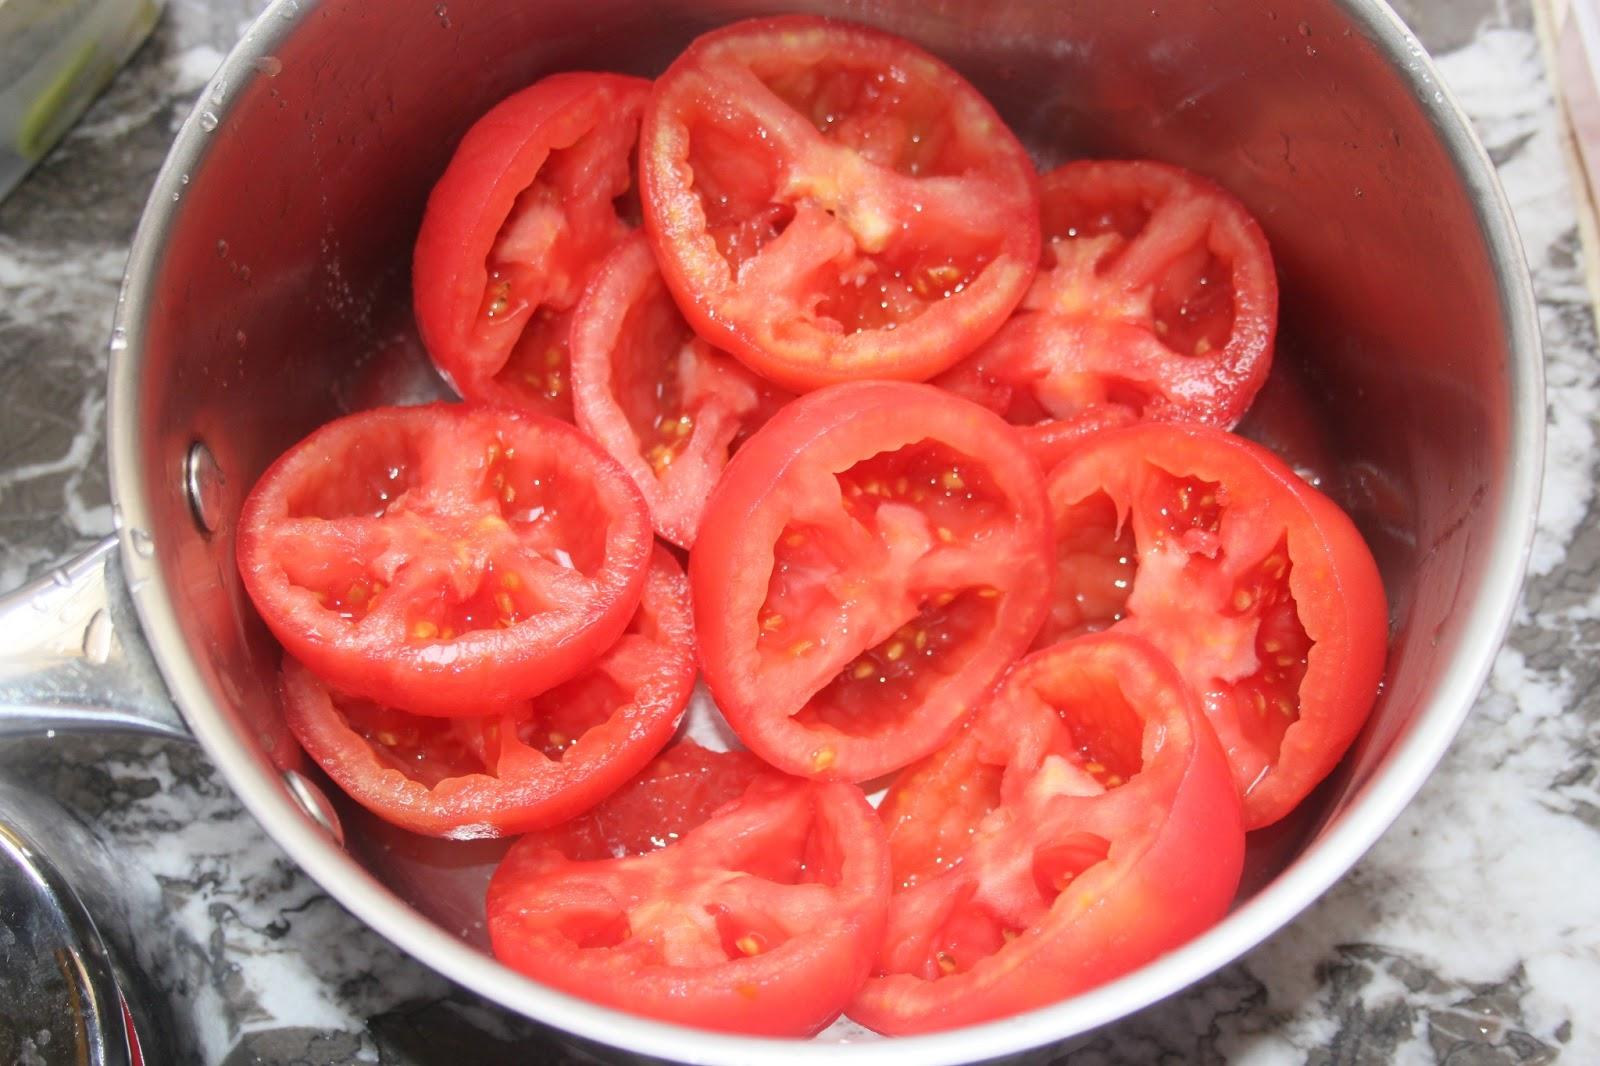 La cuisine de bernard taktouka - Comment couper une tomate en cube ...